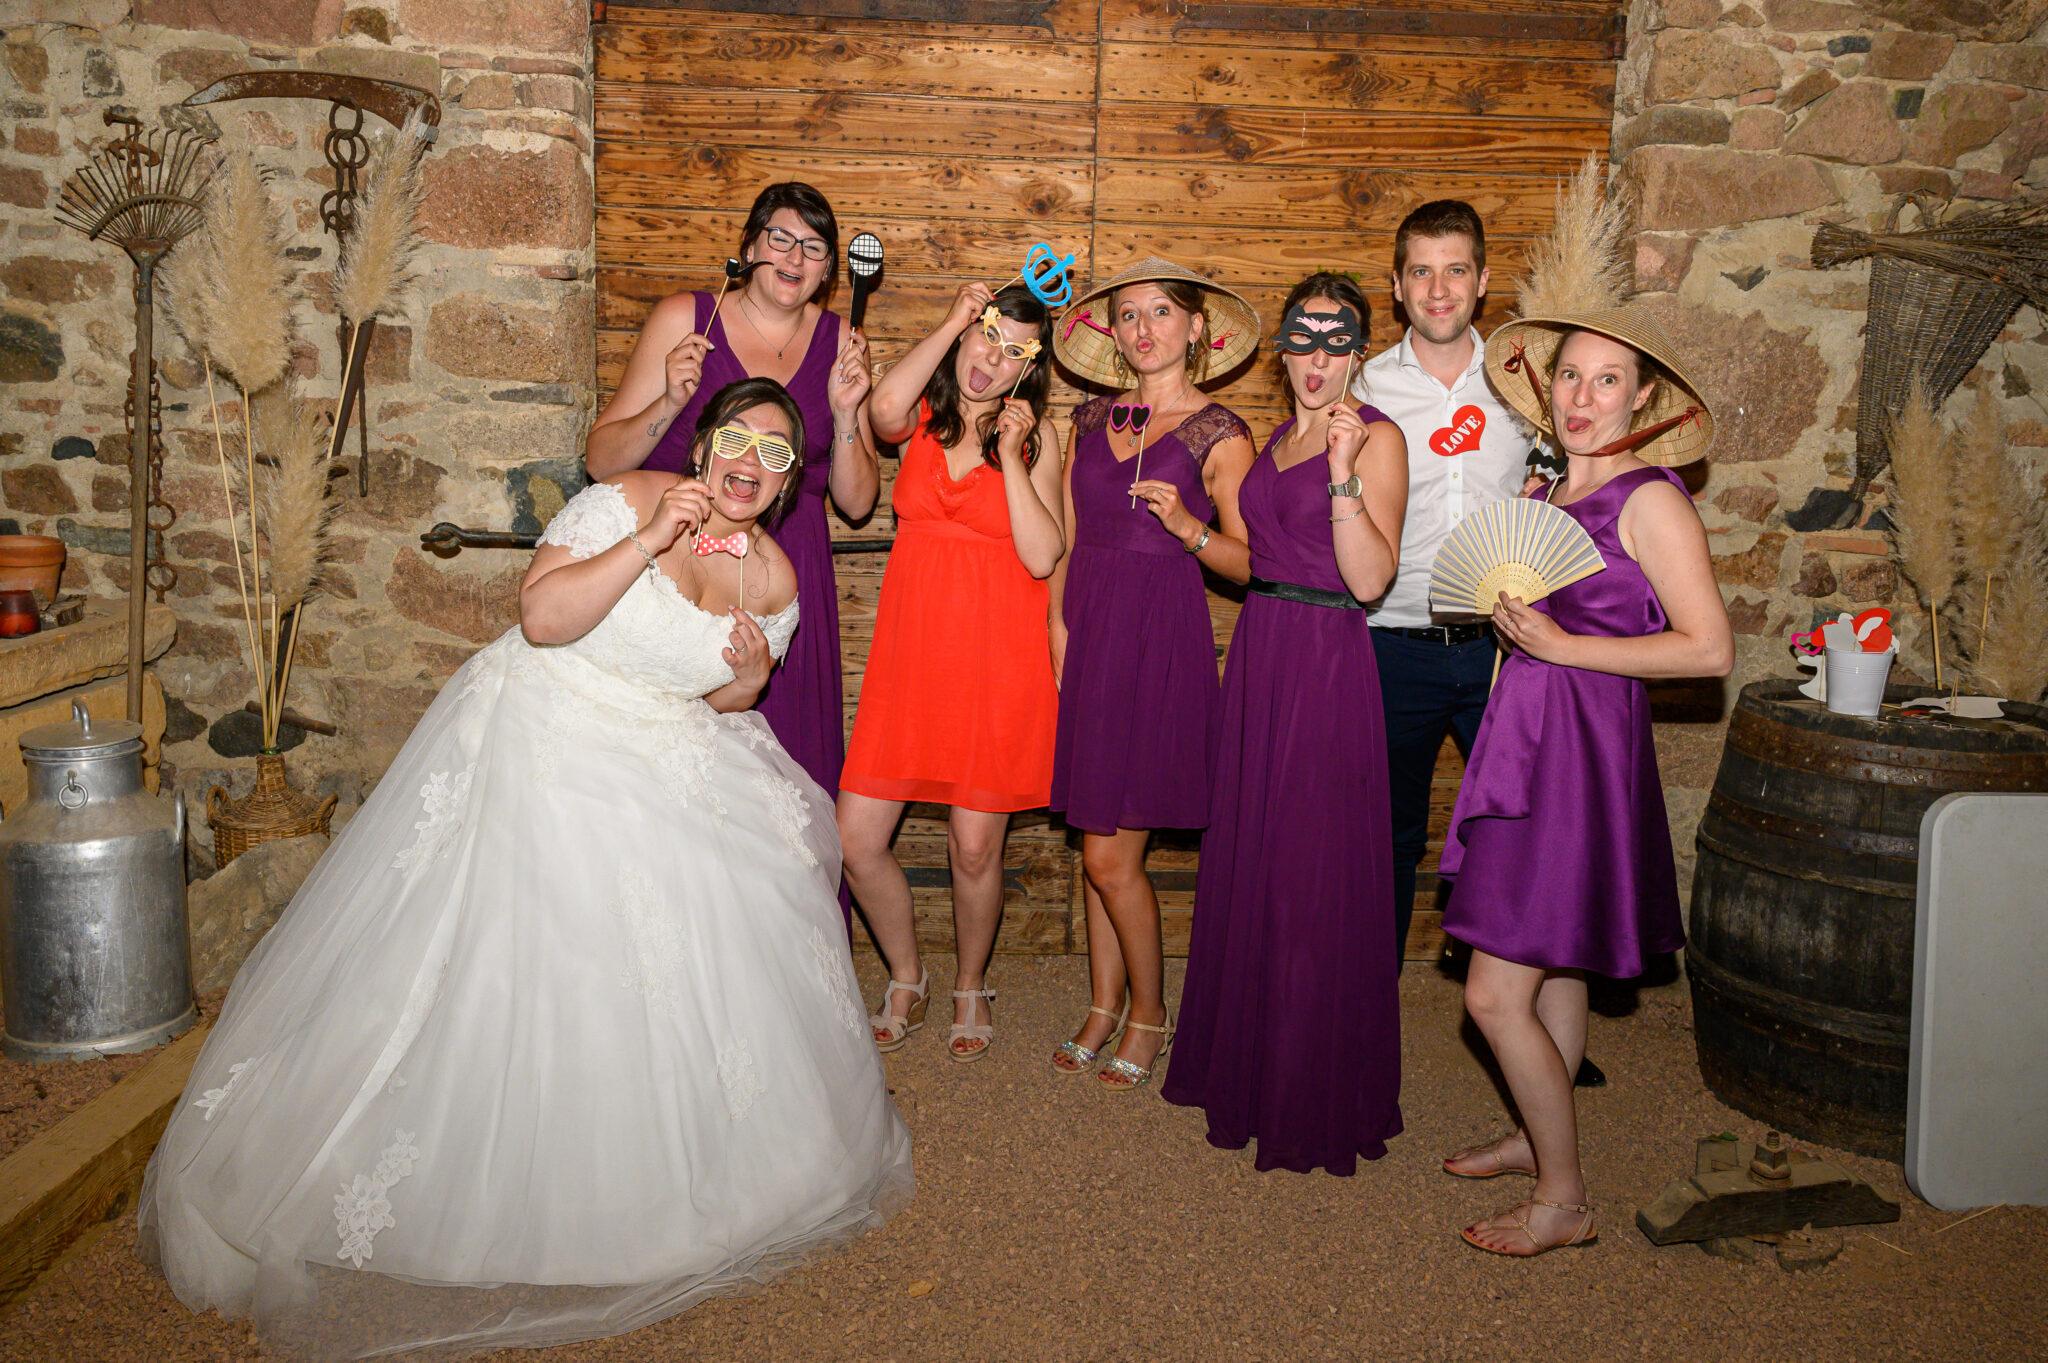 Mariée avec ses convives et témoins lors de la soirée de mariage gérée par Dj Art Song Production